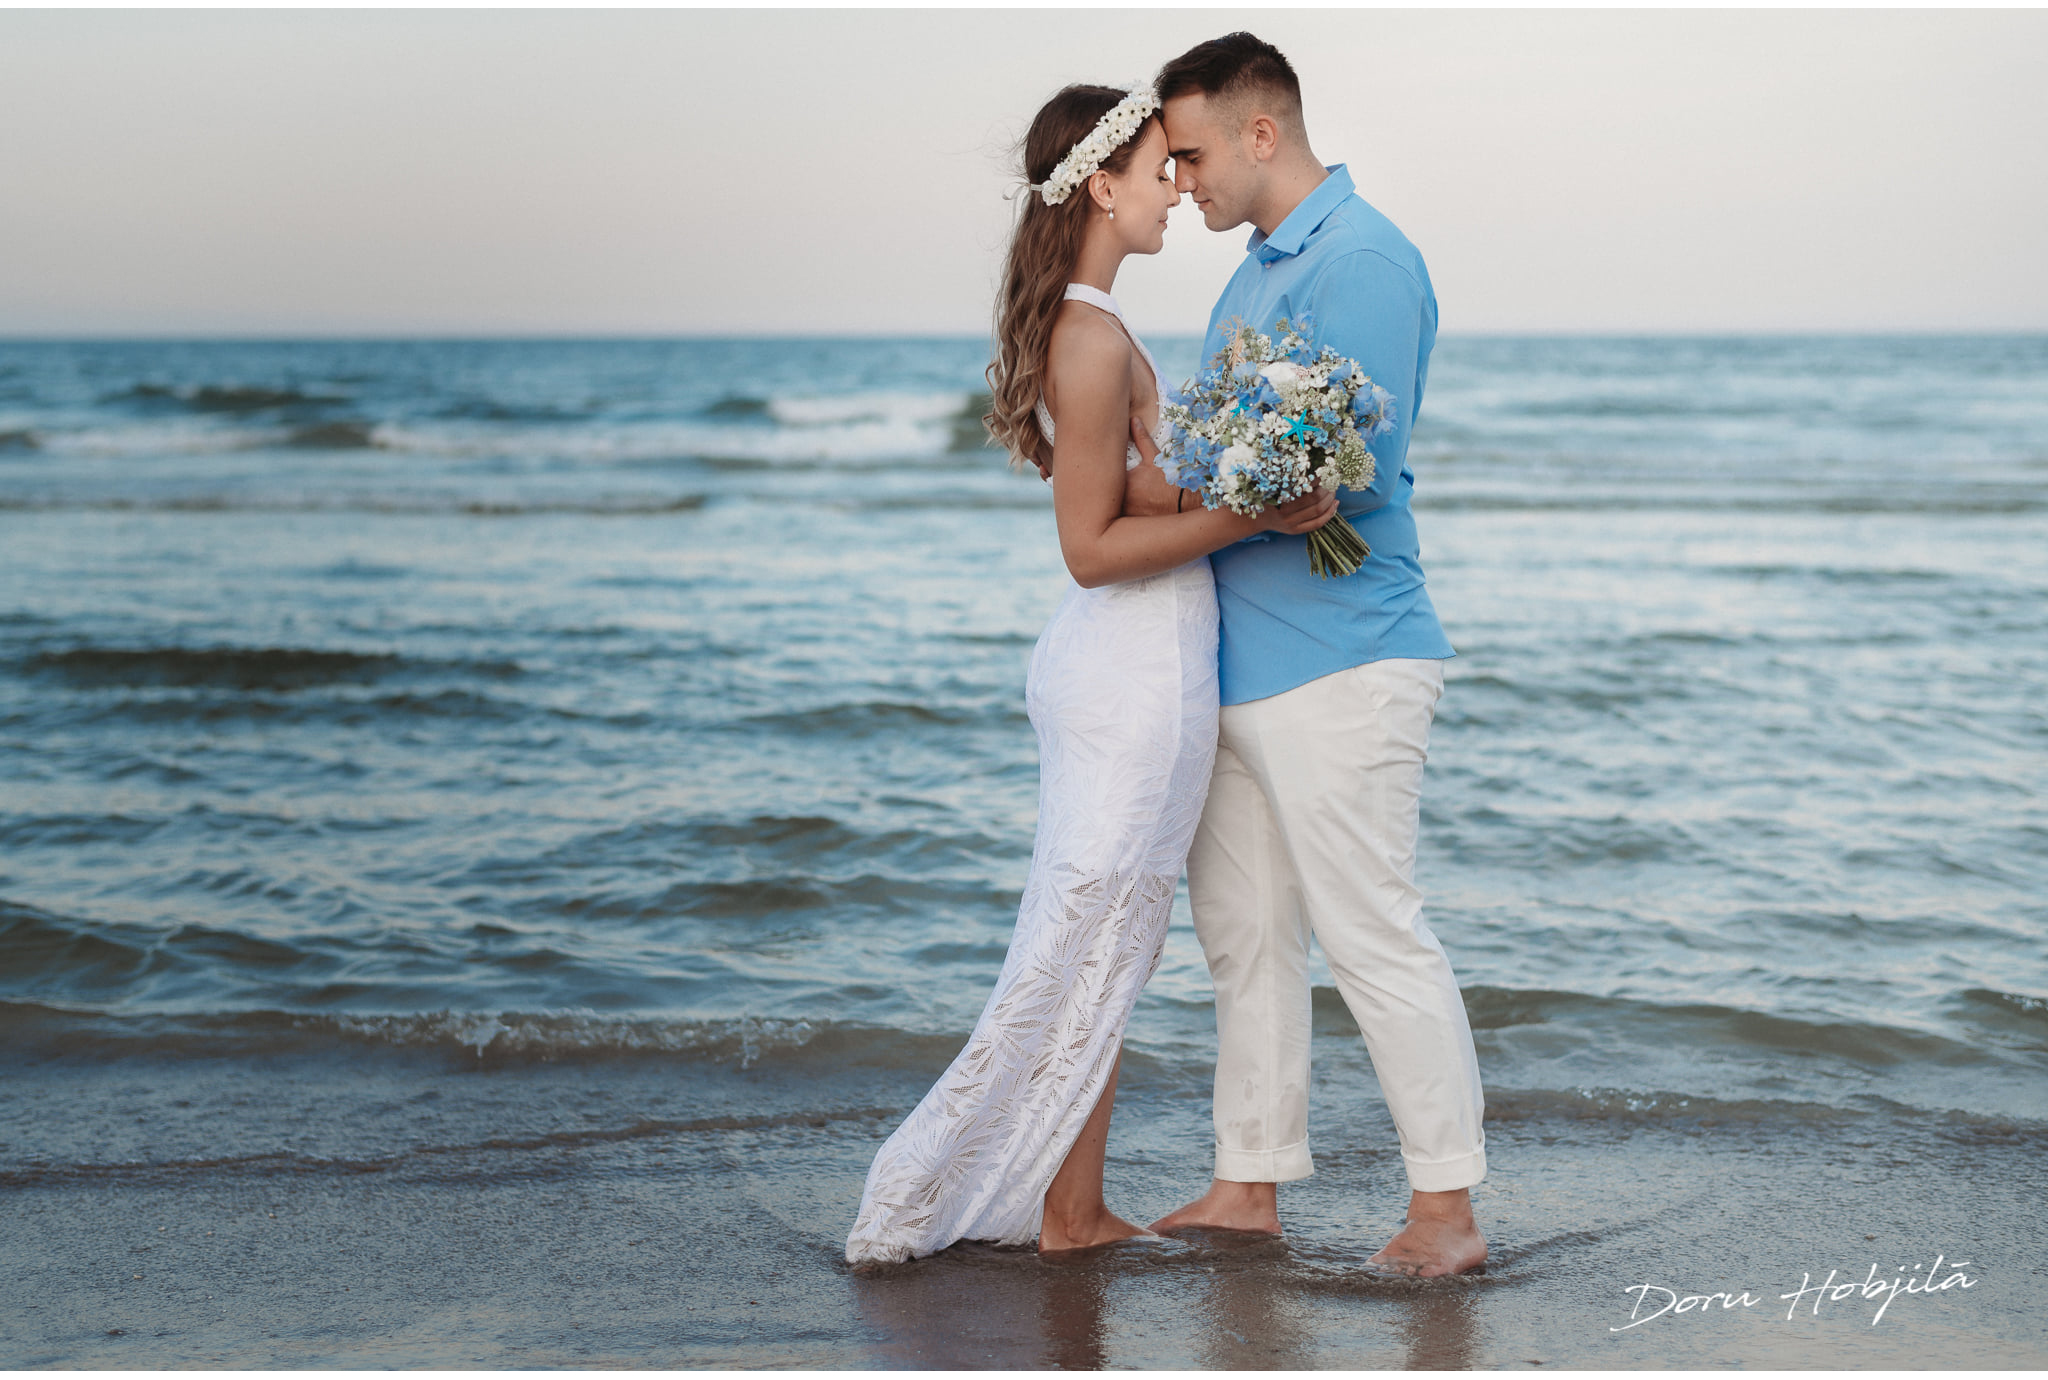 fotograf nunta la mare in romania